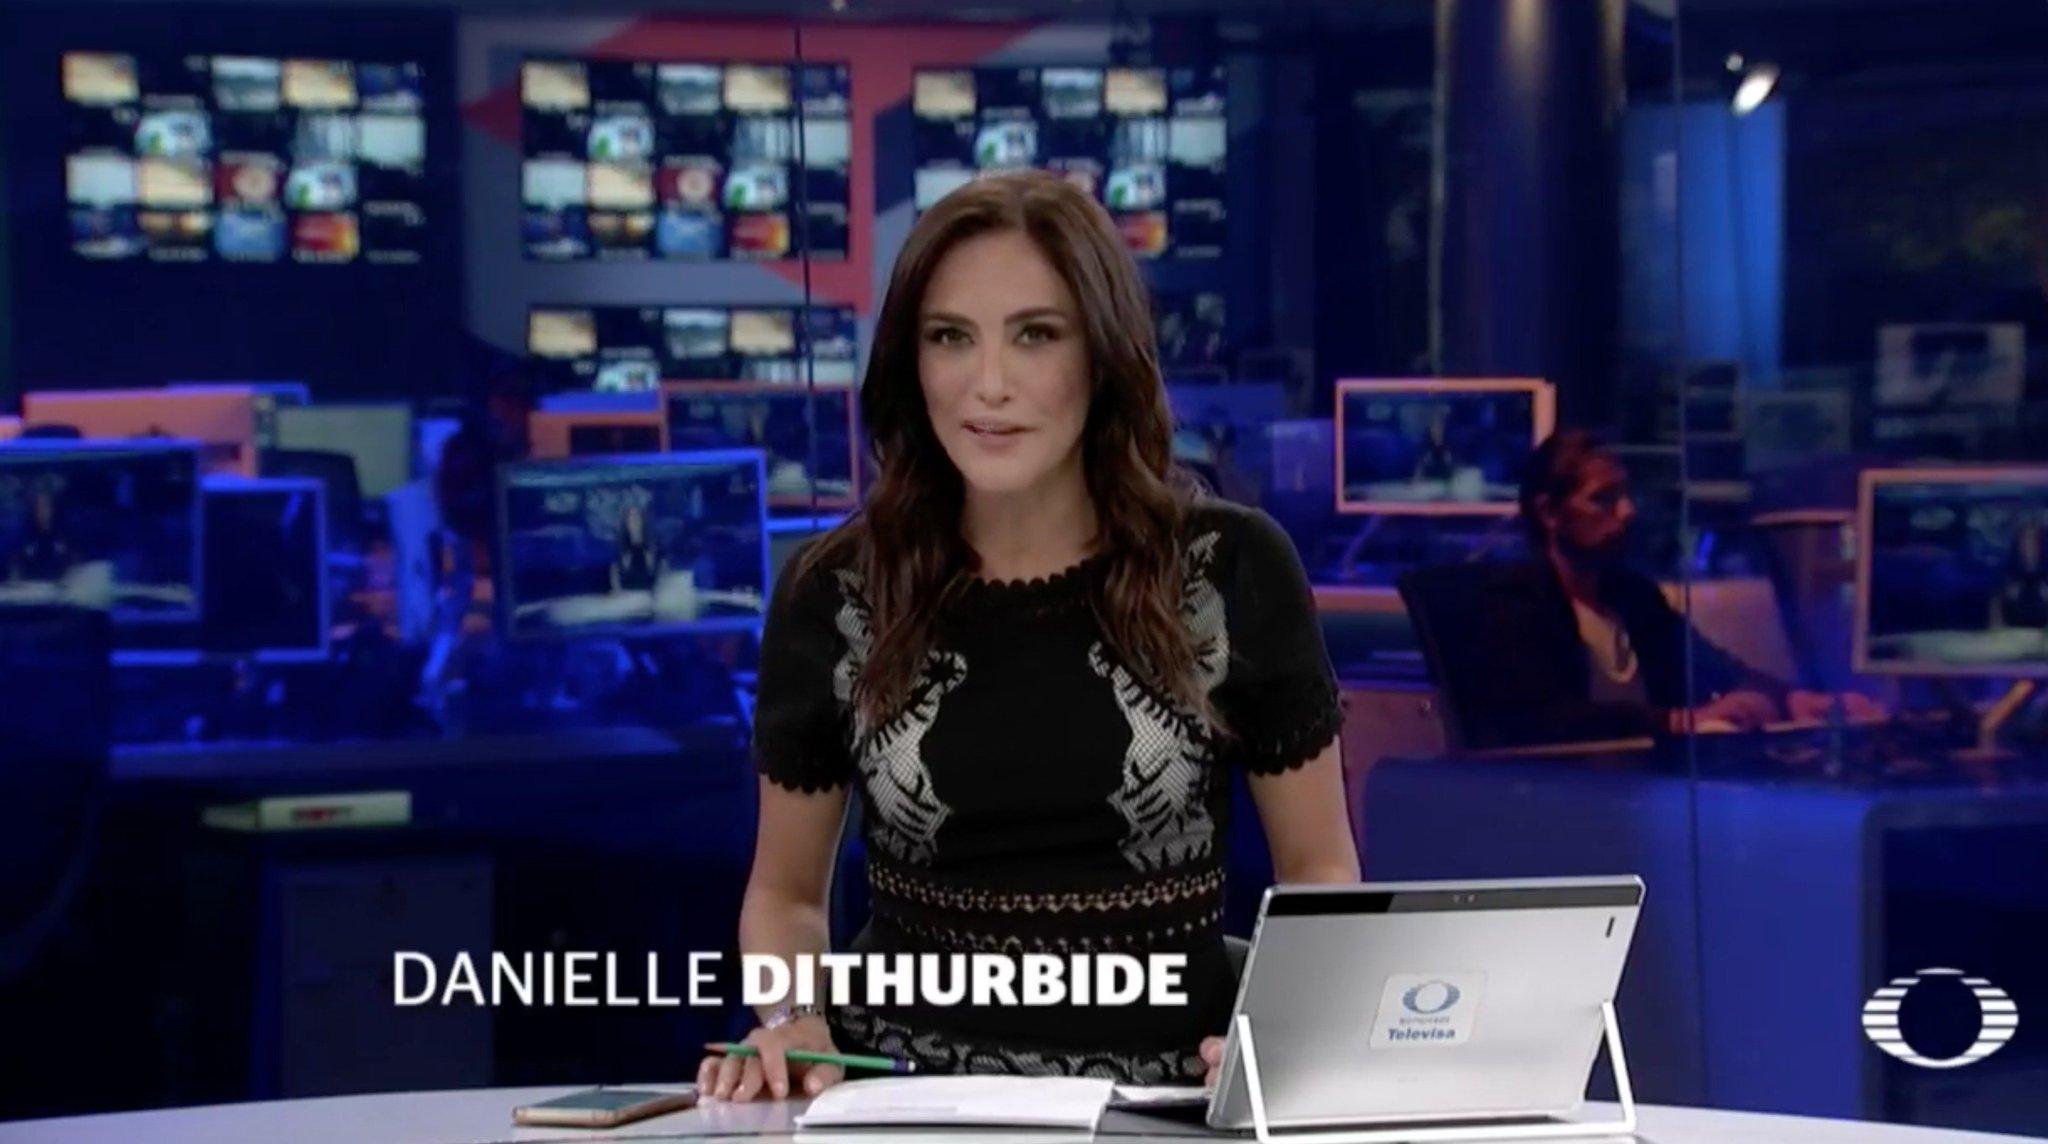 Ya inicia #EnPunto con @daniellemx_  por @Canal_Estrellas y en internet en: https://t.co/7rJJIX4IVs https://t.co/eF3ulB4gEb